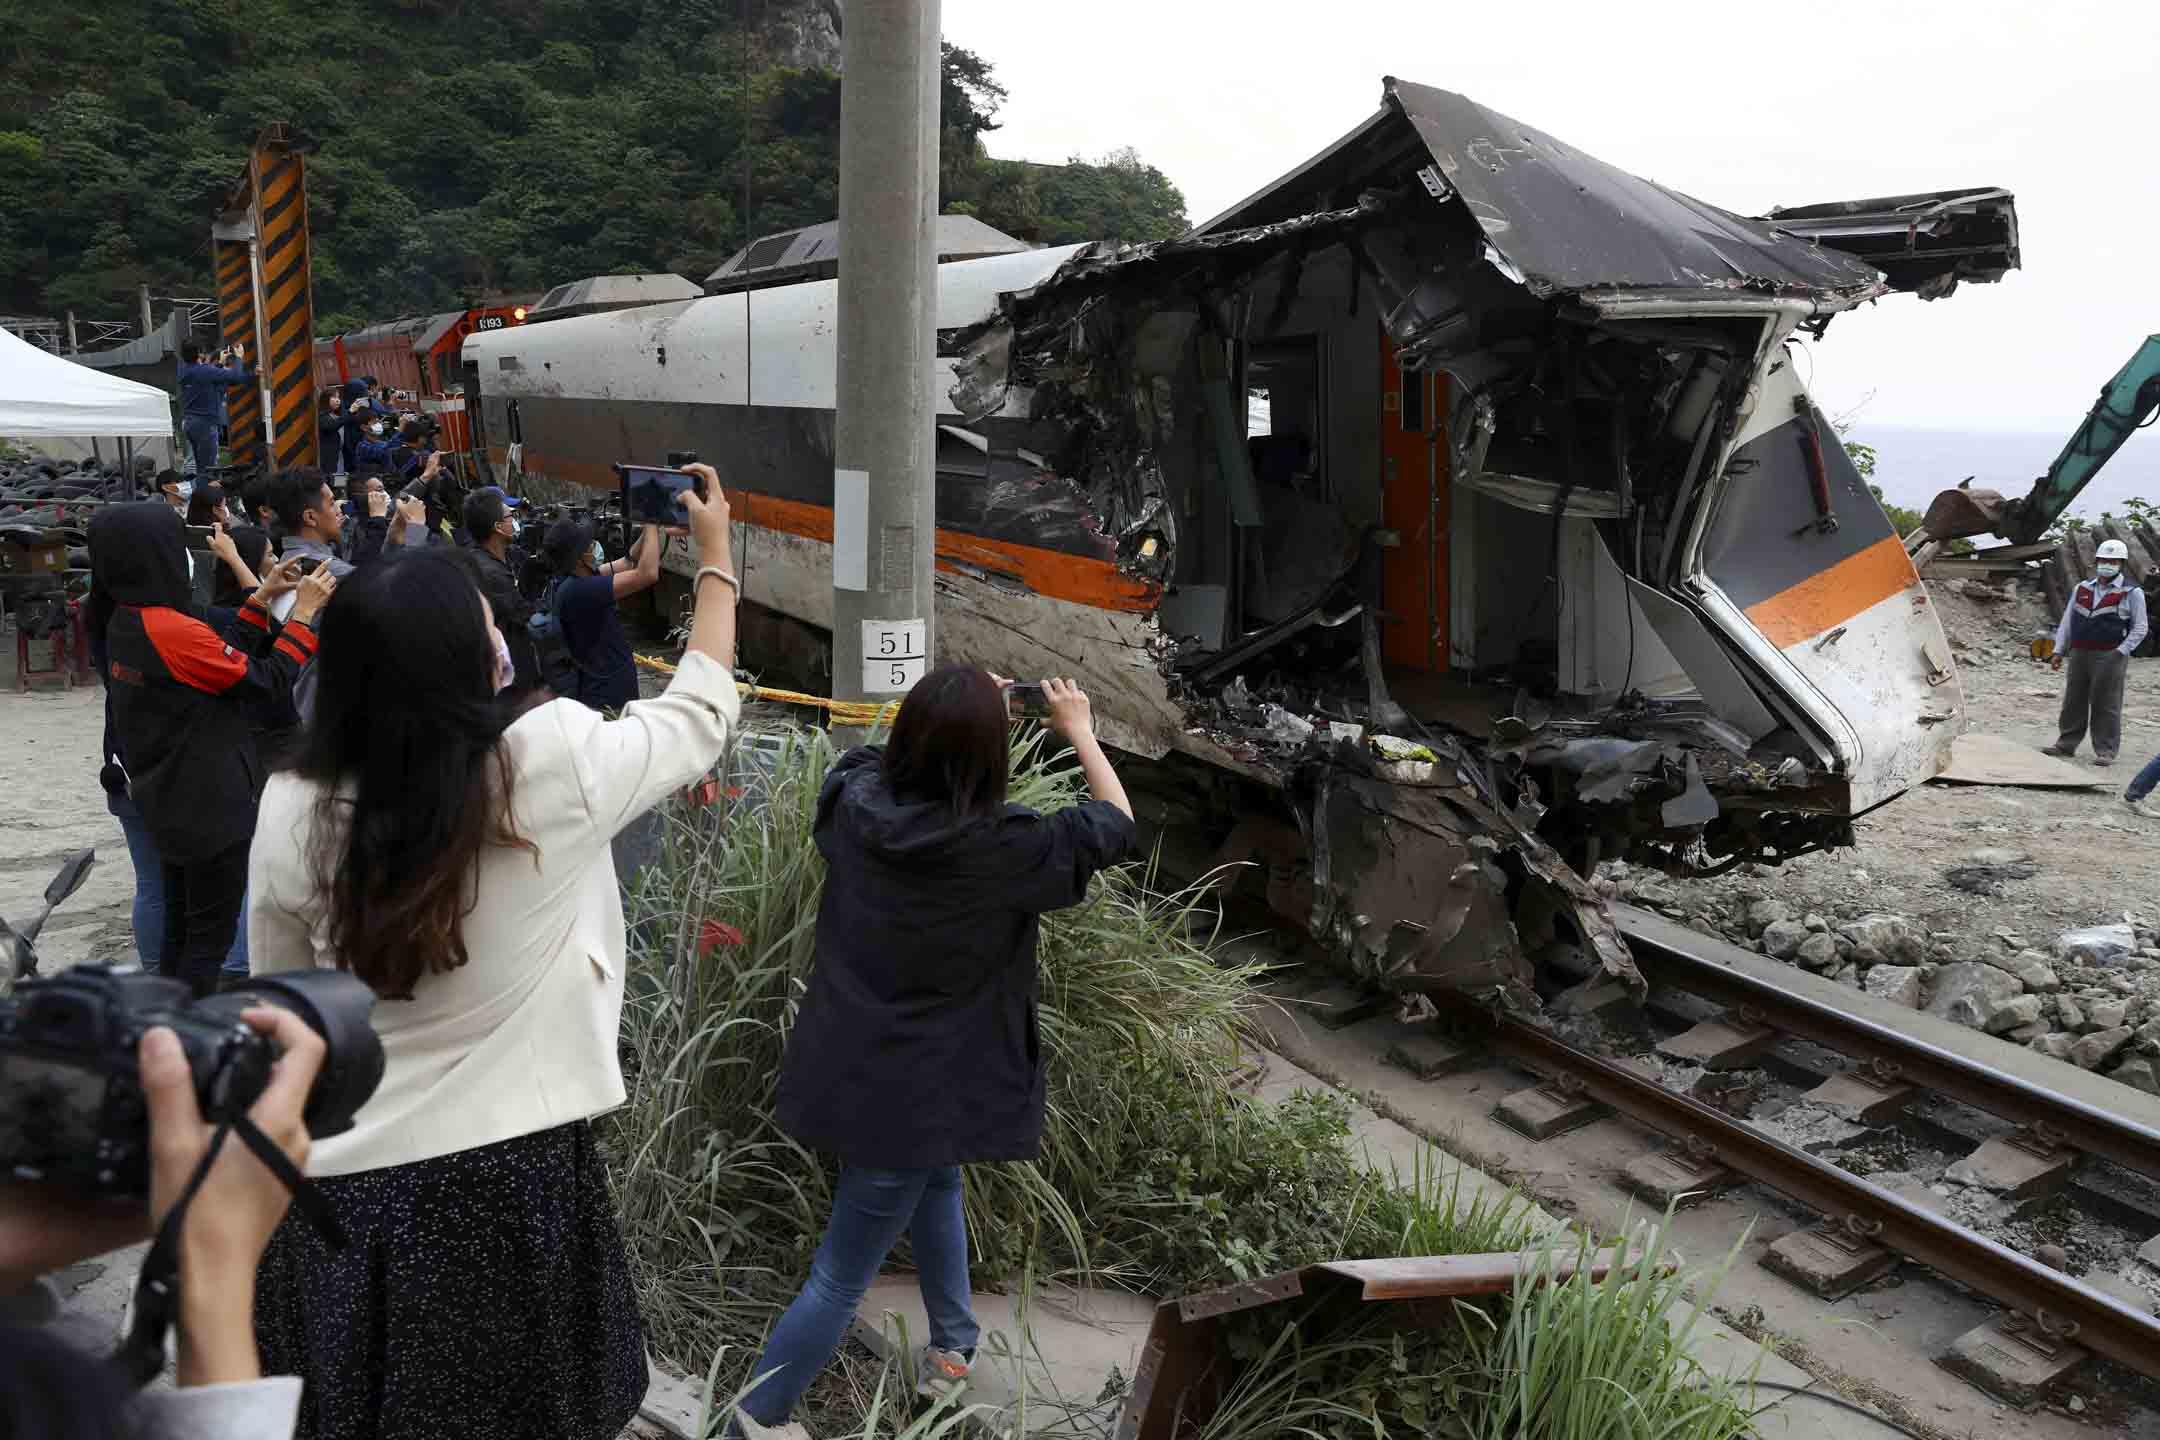 2021年4月6日,花蓮「太魯閣號」出軌事故後,工作人員從隧道中抽出一輛損壞的火車車廂。 攝:Ann Wang/Reuters/達志影像